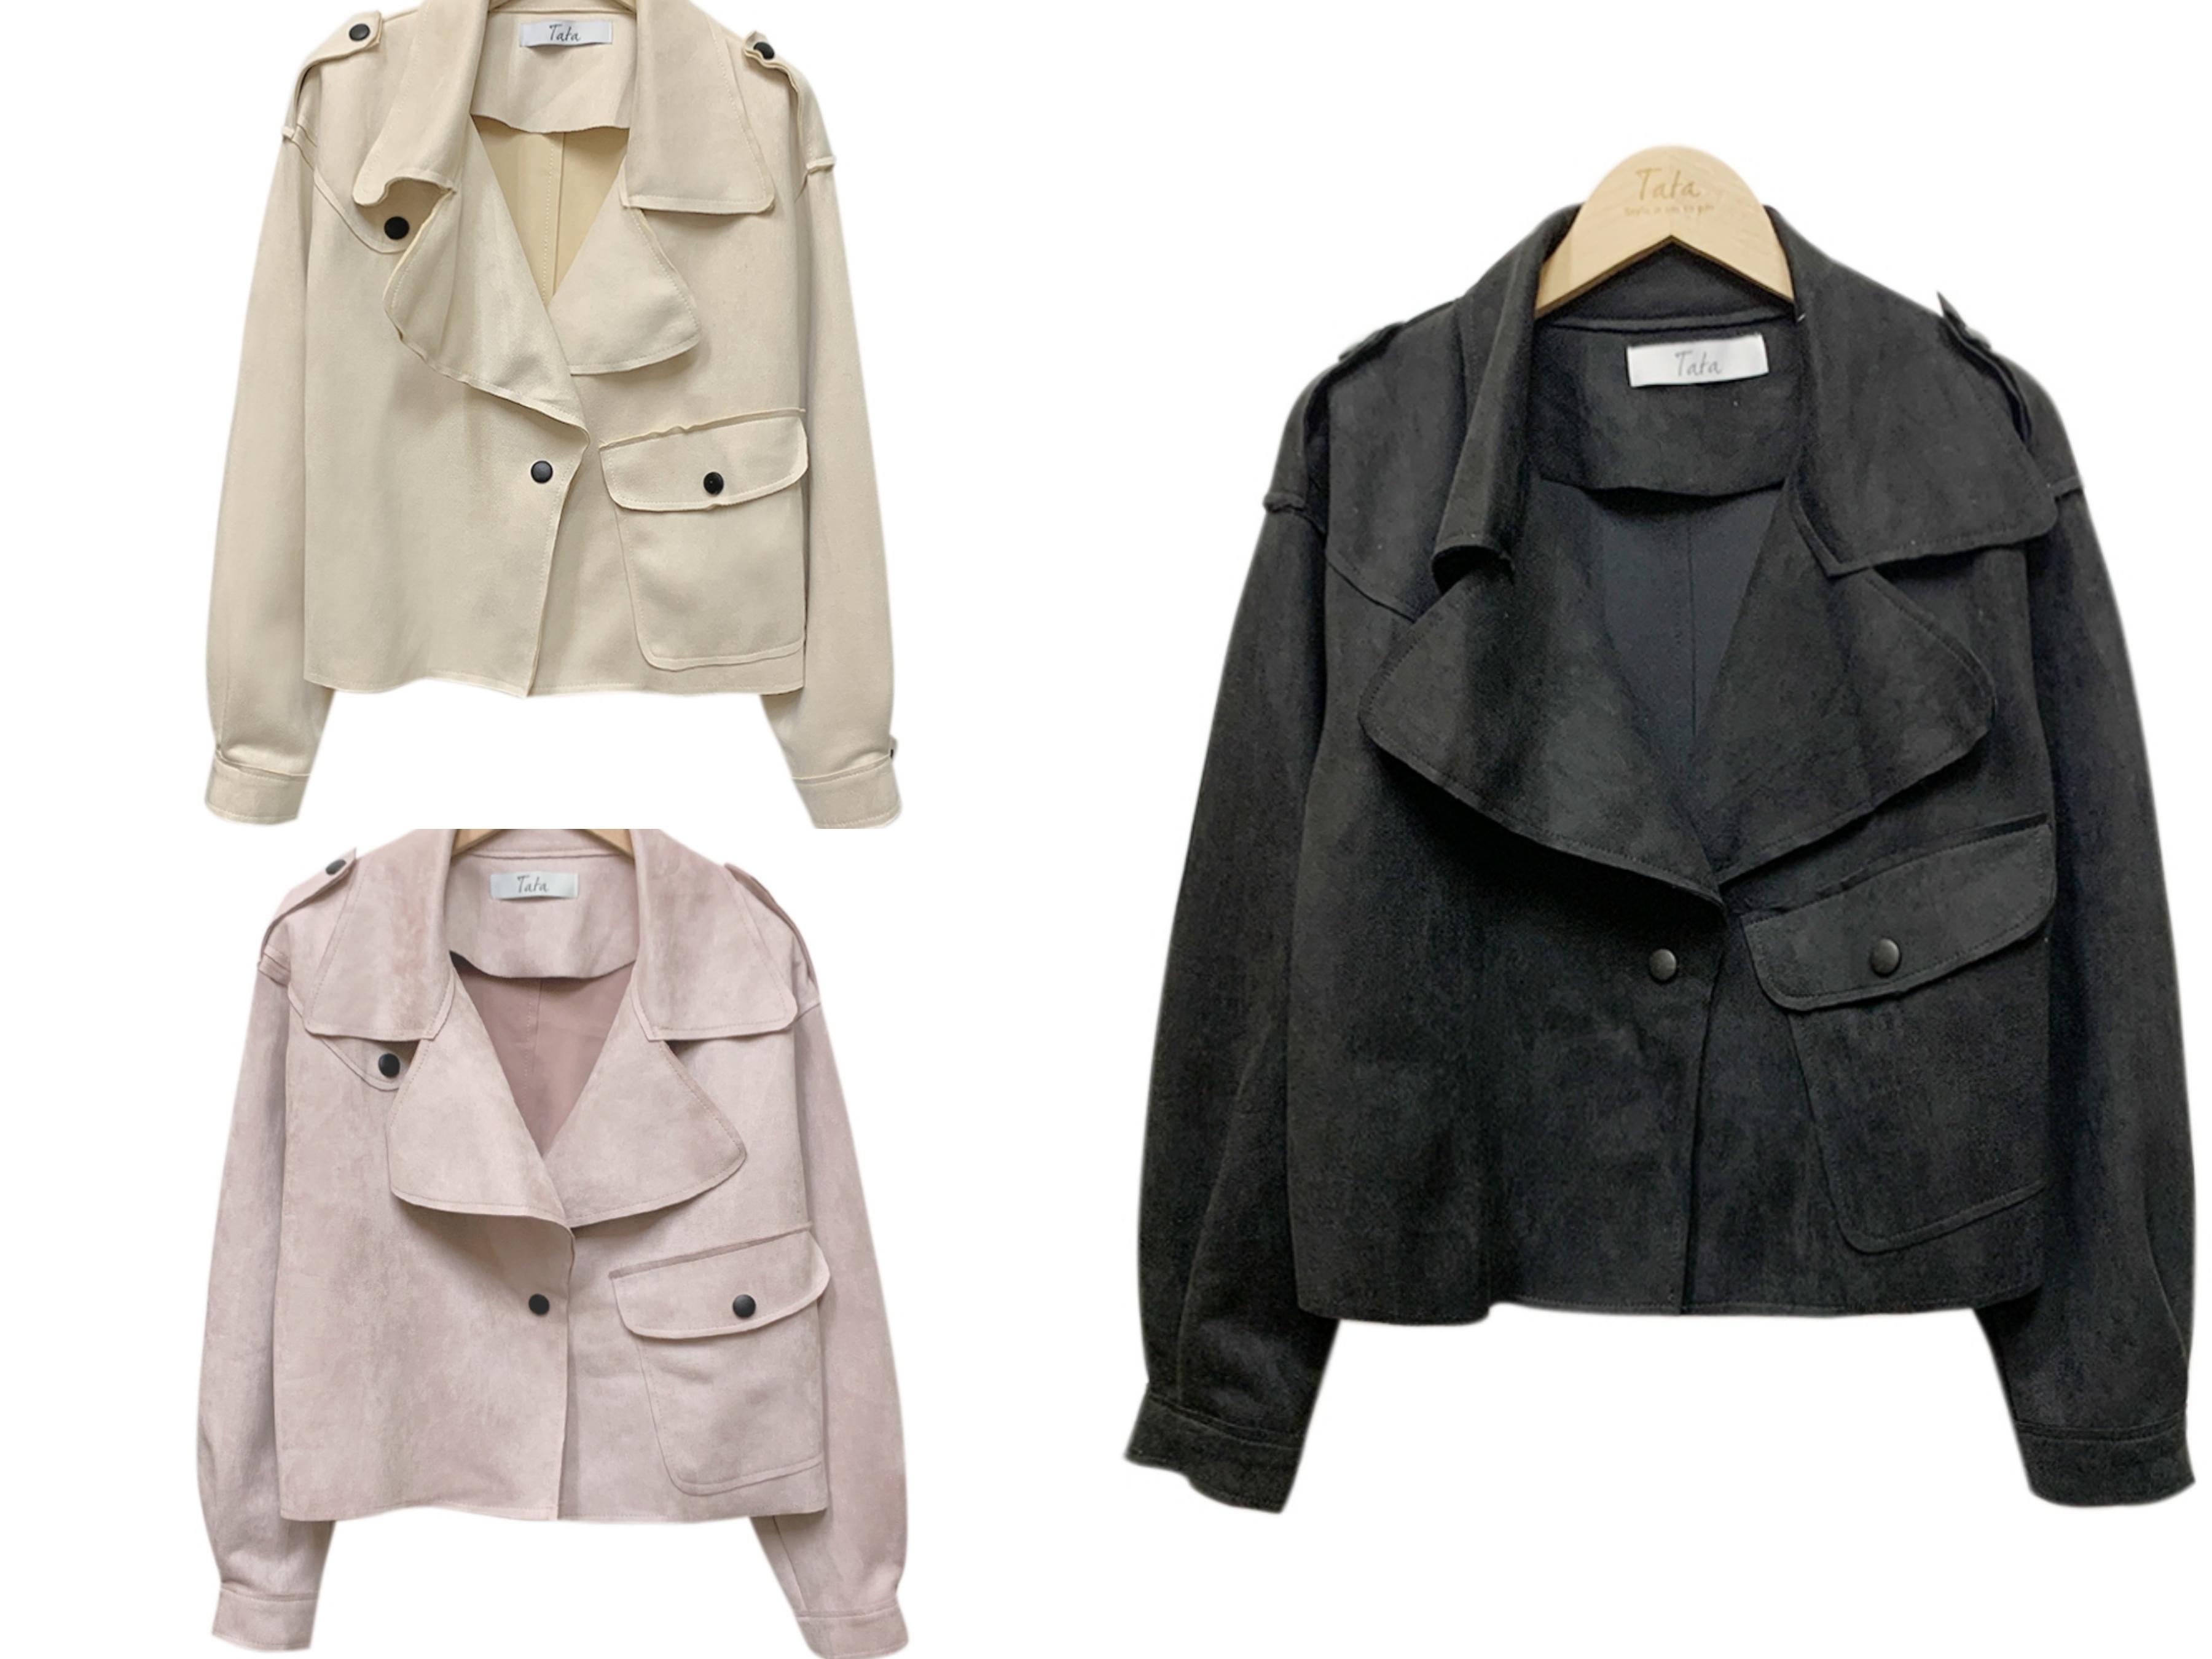 TATA麂皮翻領短版外套(三色) 質感的麂皮布料、搭配翻領造型設計,展現出俐落有型的穿搭風格